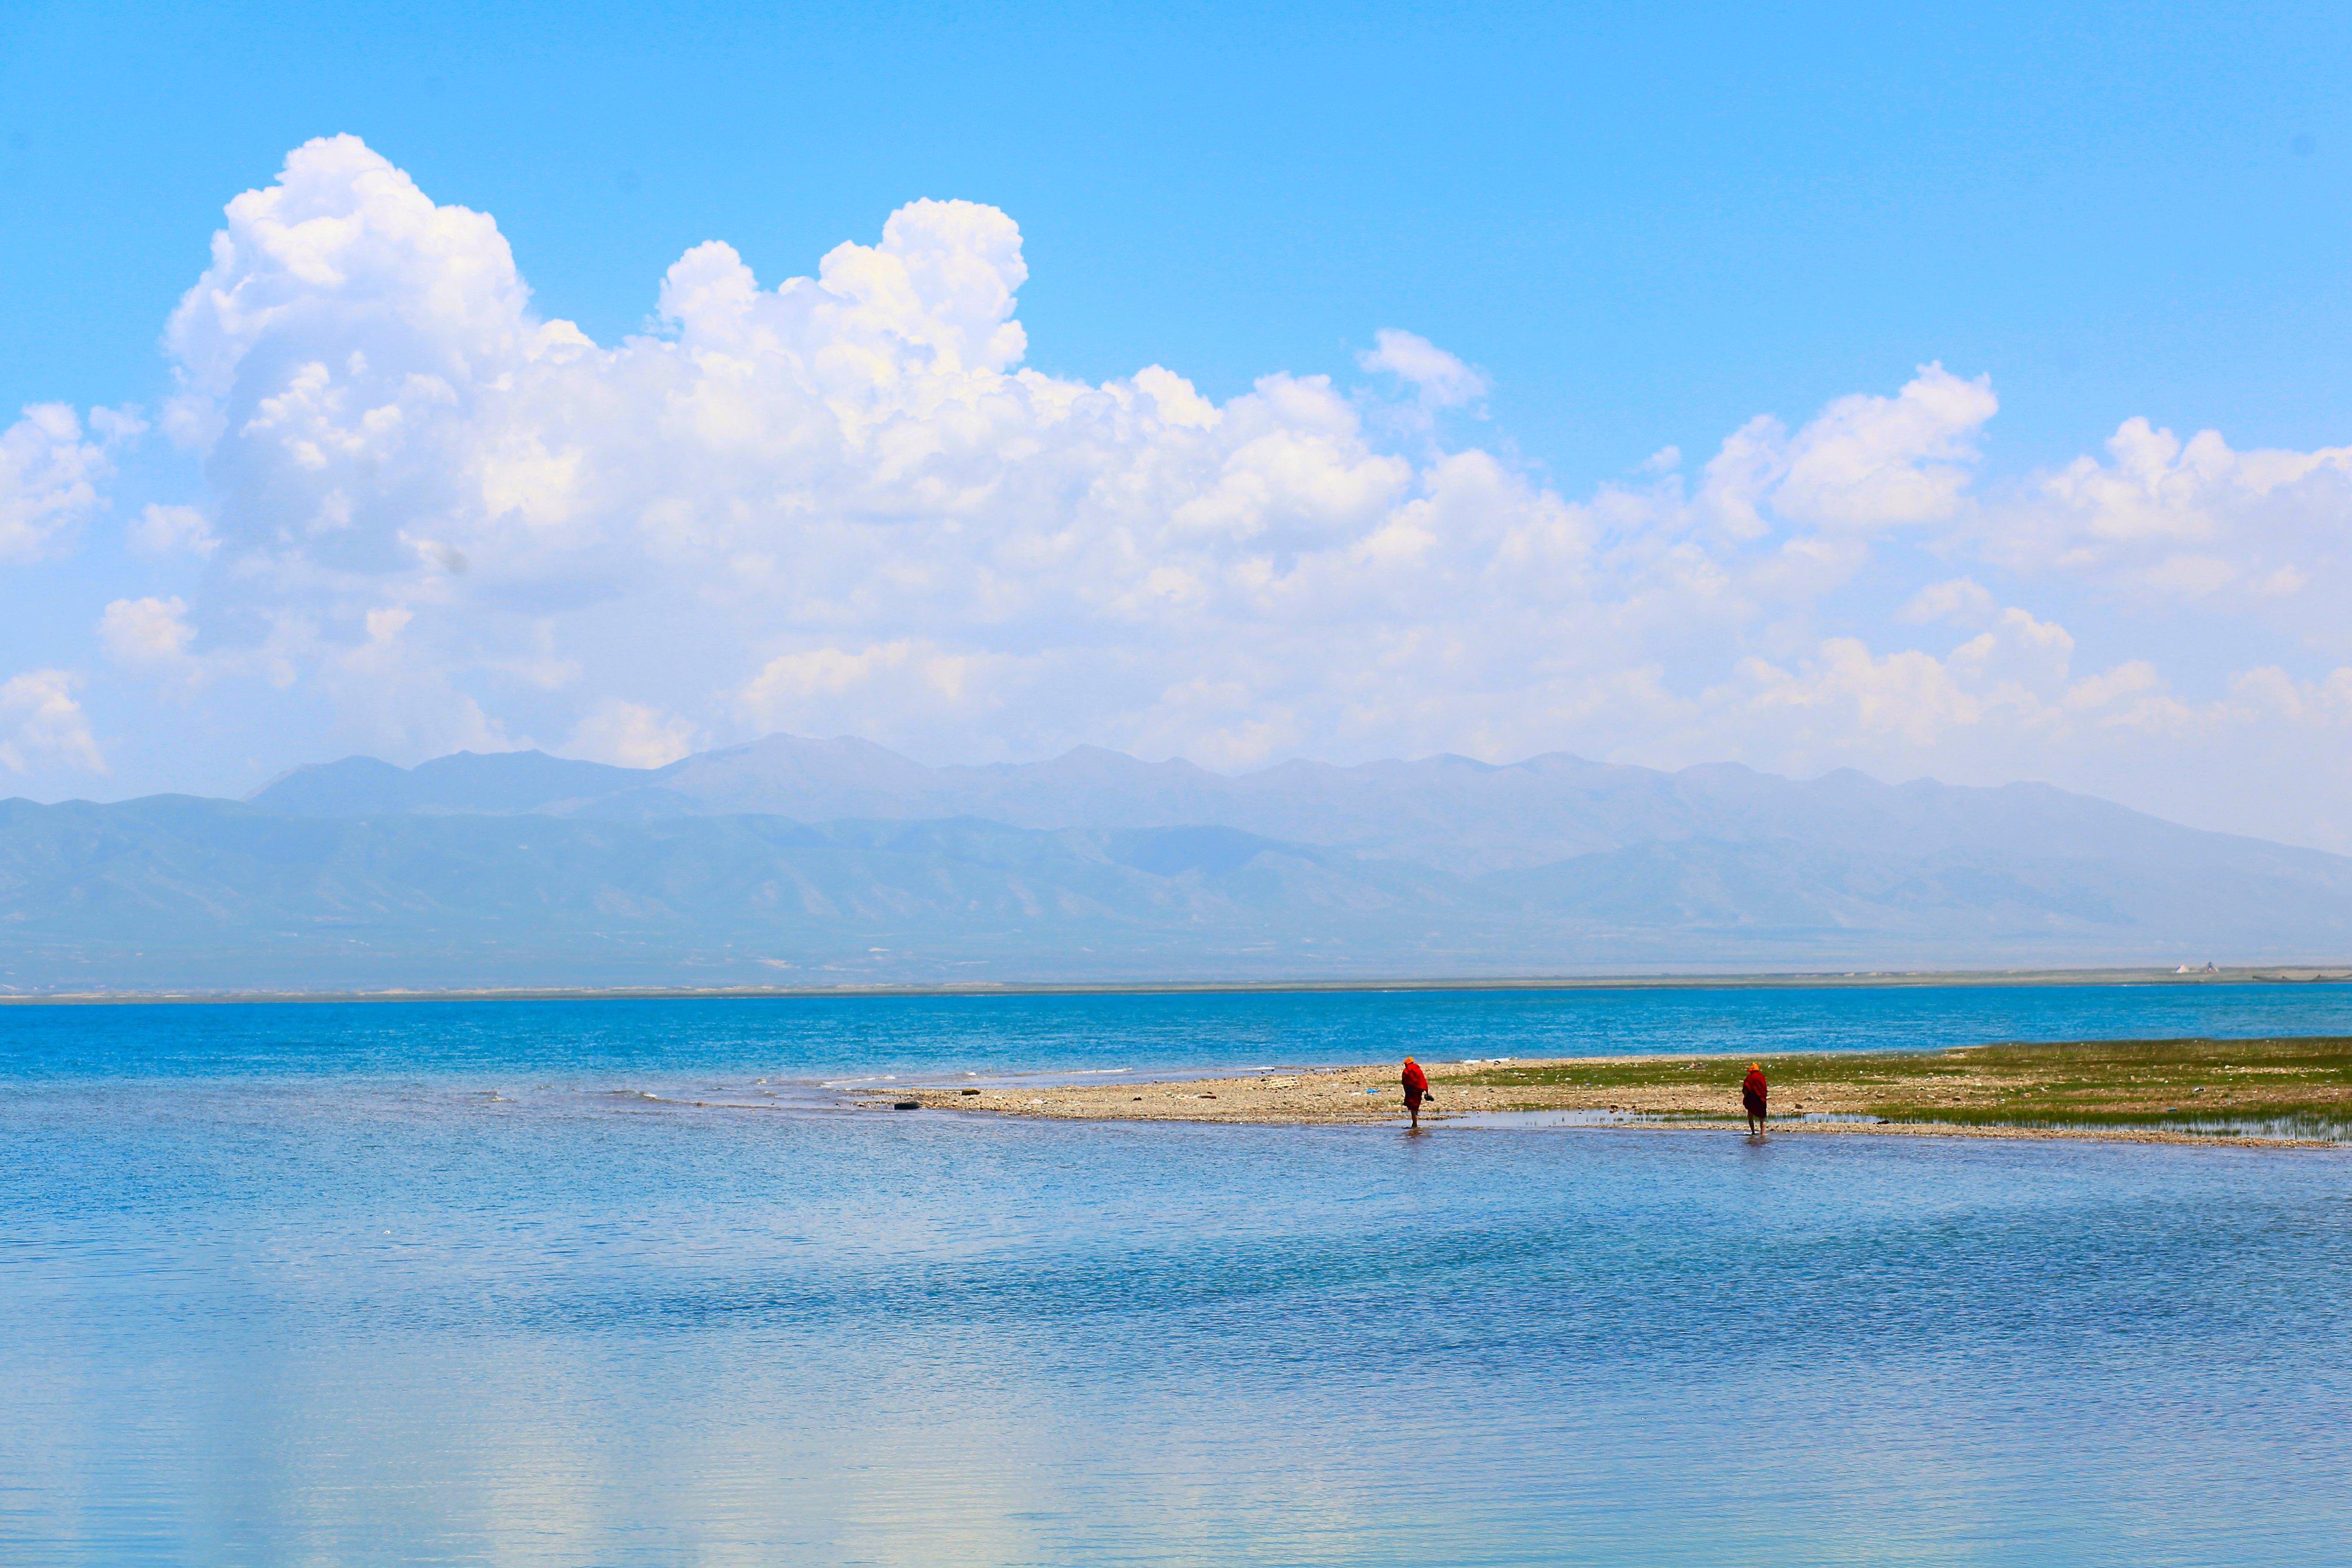 青海湖+茶卡鹽湖+坎布拉國家森林公園三日遊